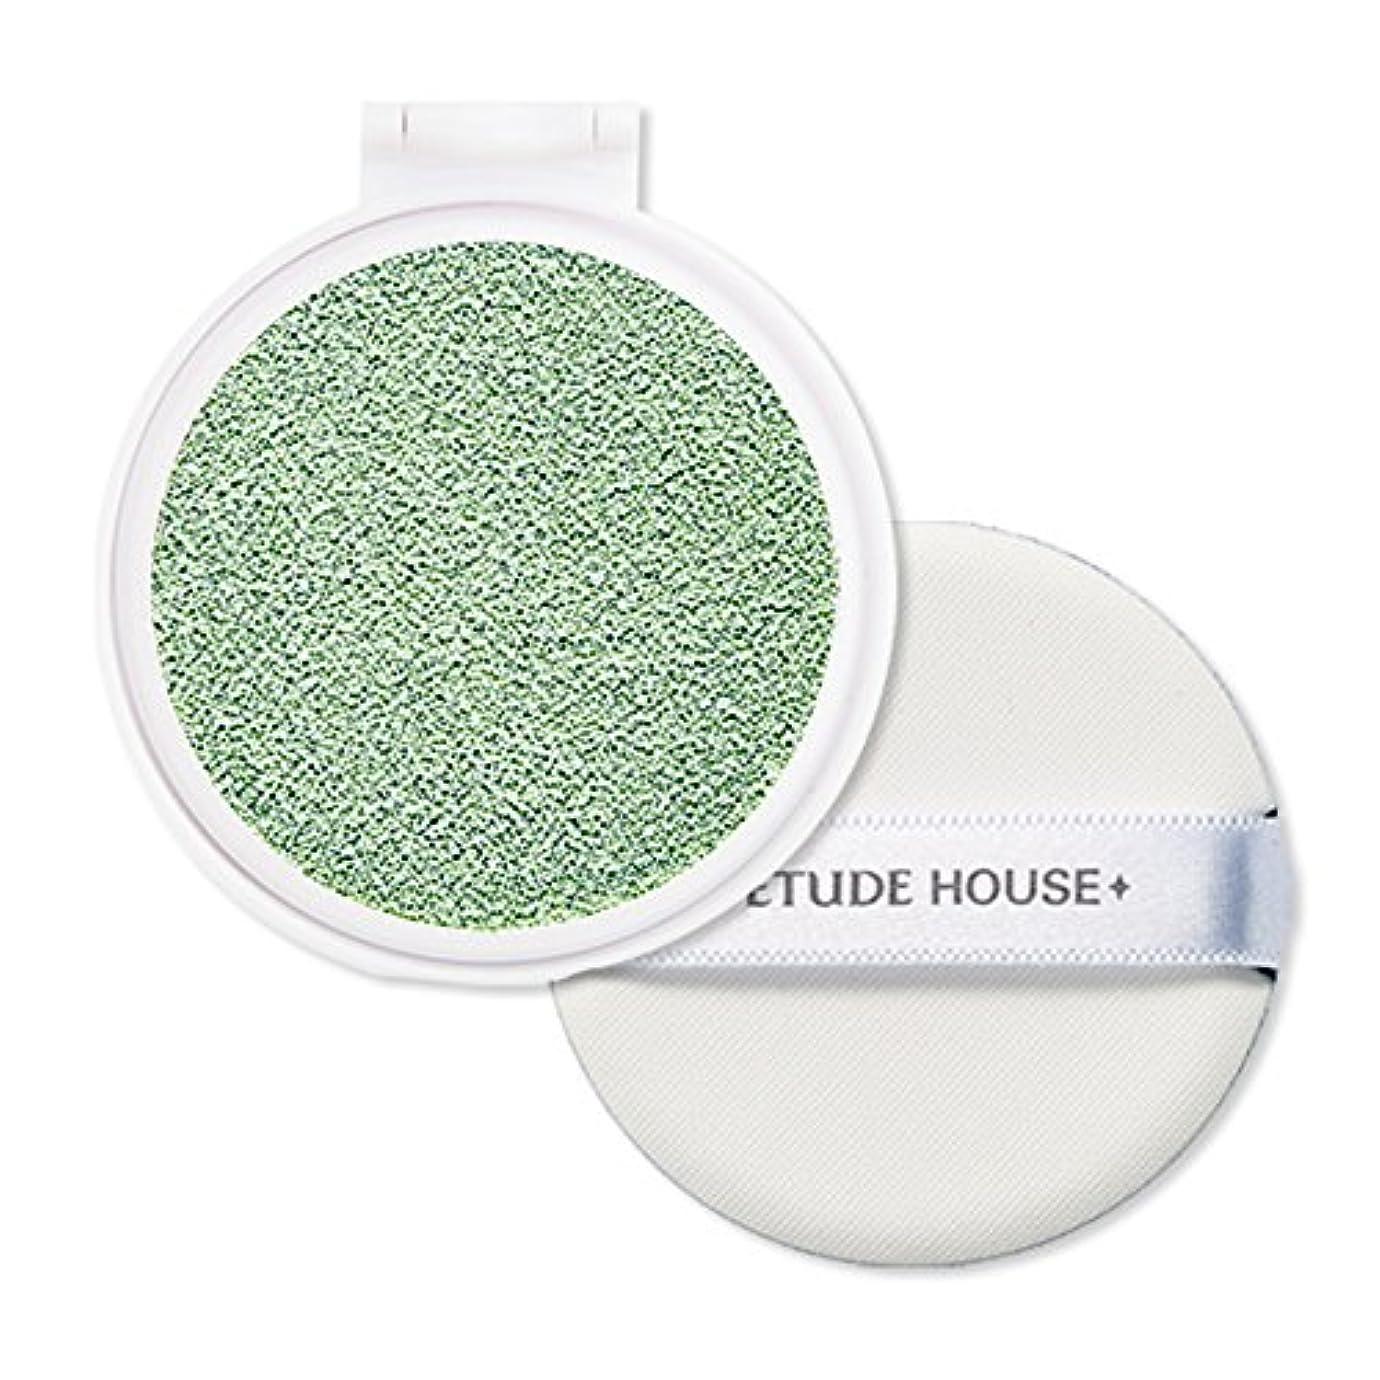 パブピクニックをする小康エチュードハウス(ETUDE HOUSE) エニークッション カラーコレクター レフィル Mint